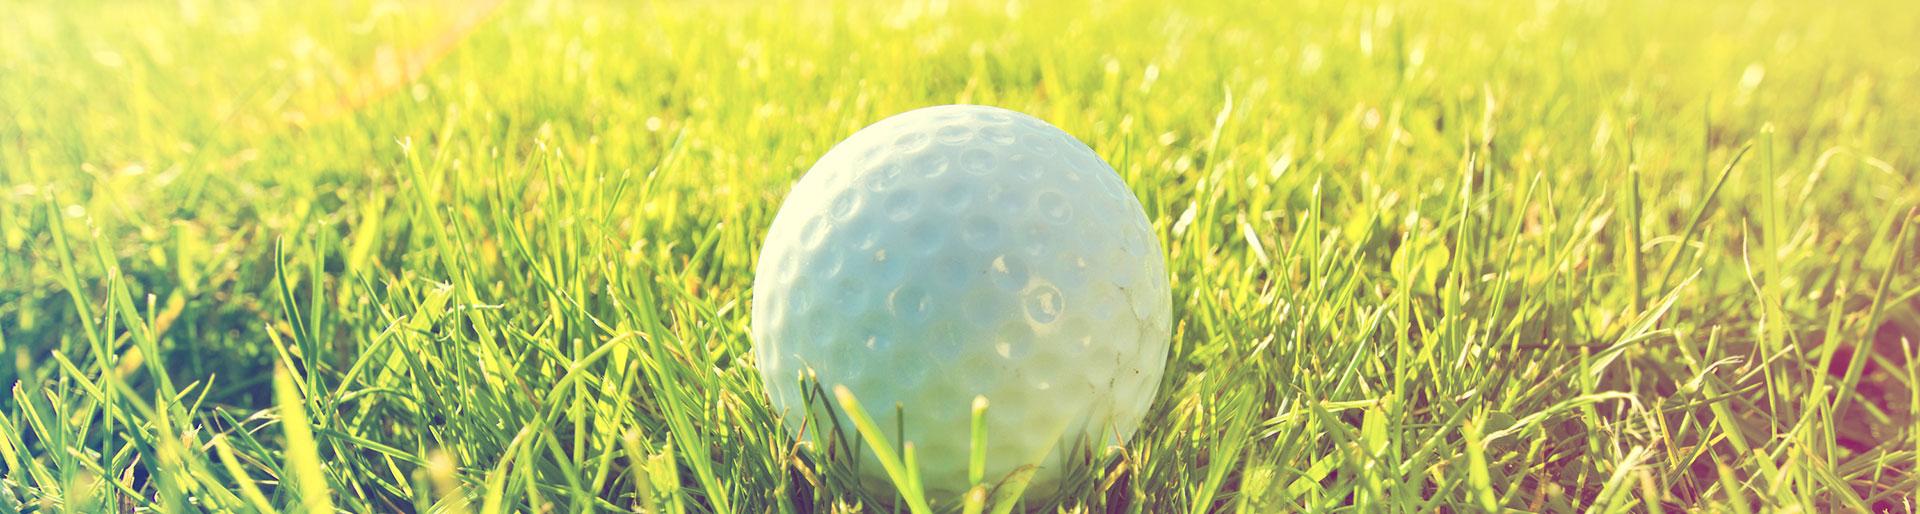 Titre Pro ITG - Balle de golf dans le gazon